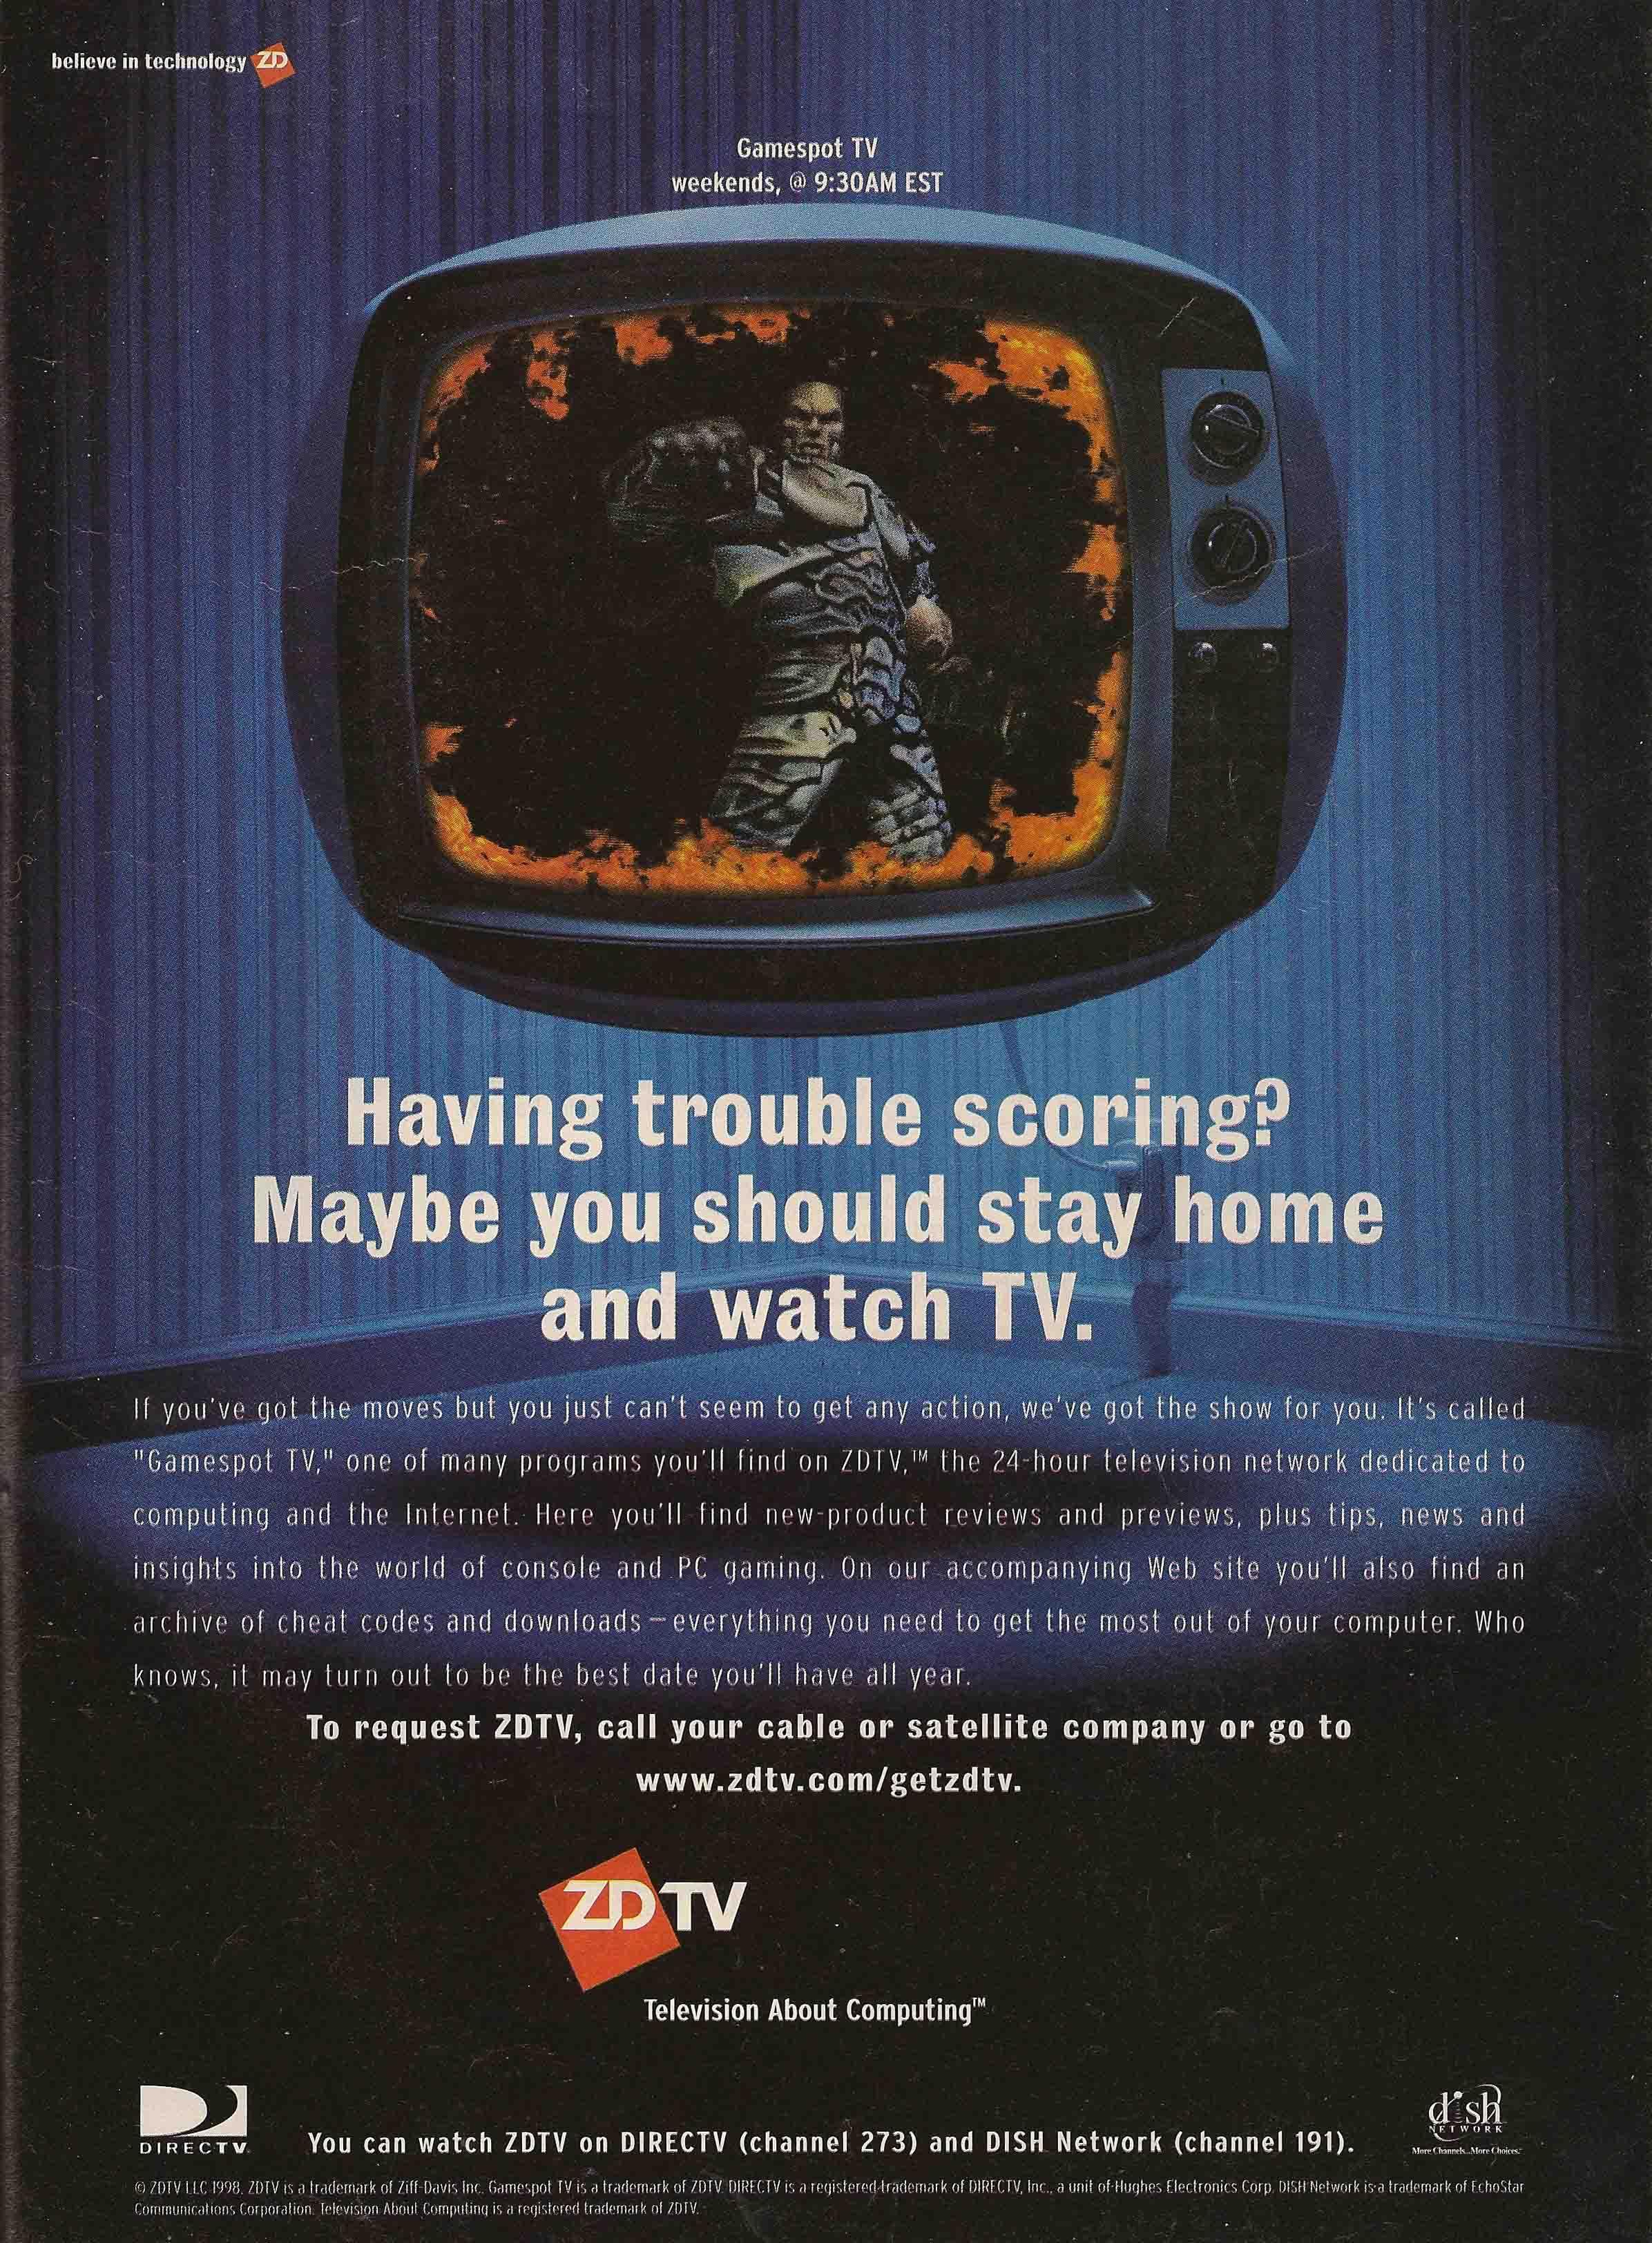 Ad for Gamespot TV on ZD (Ziff-Davis) TV